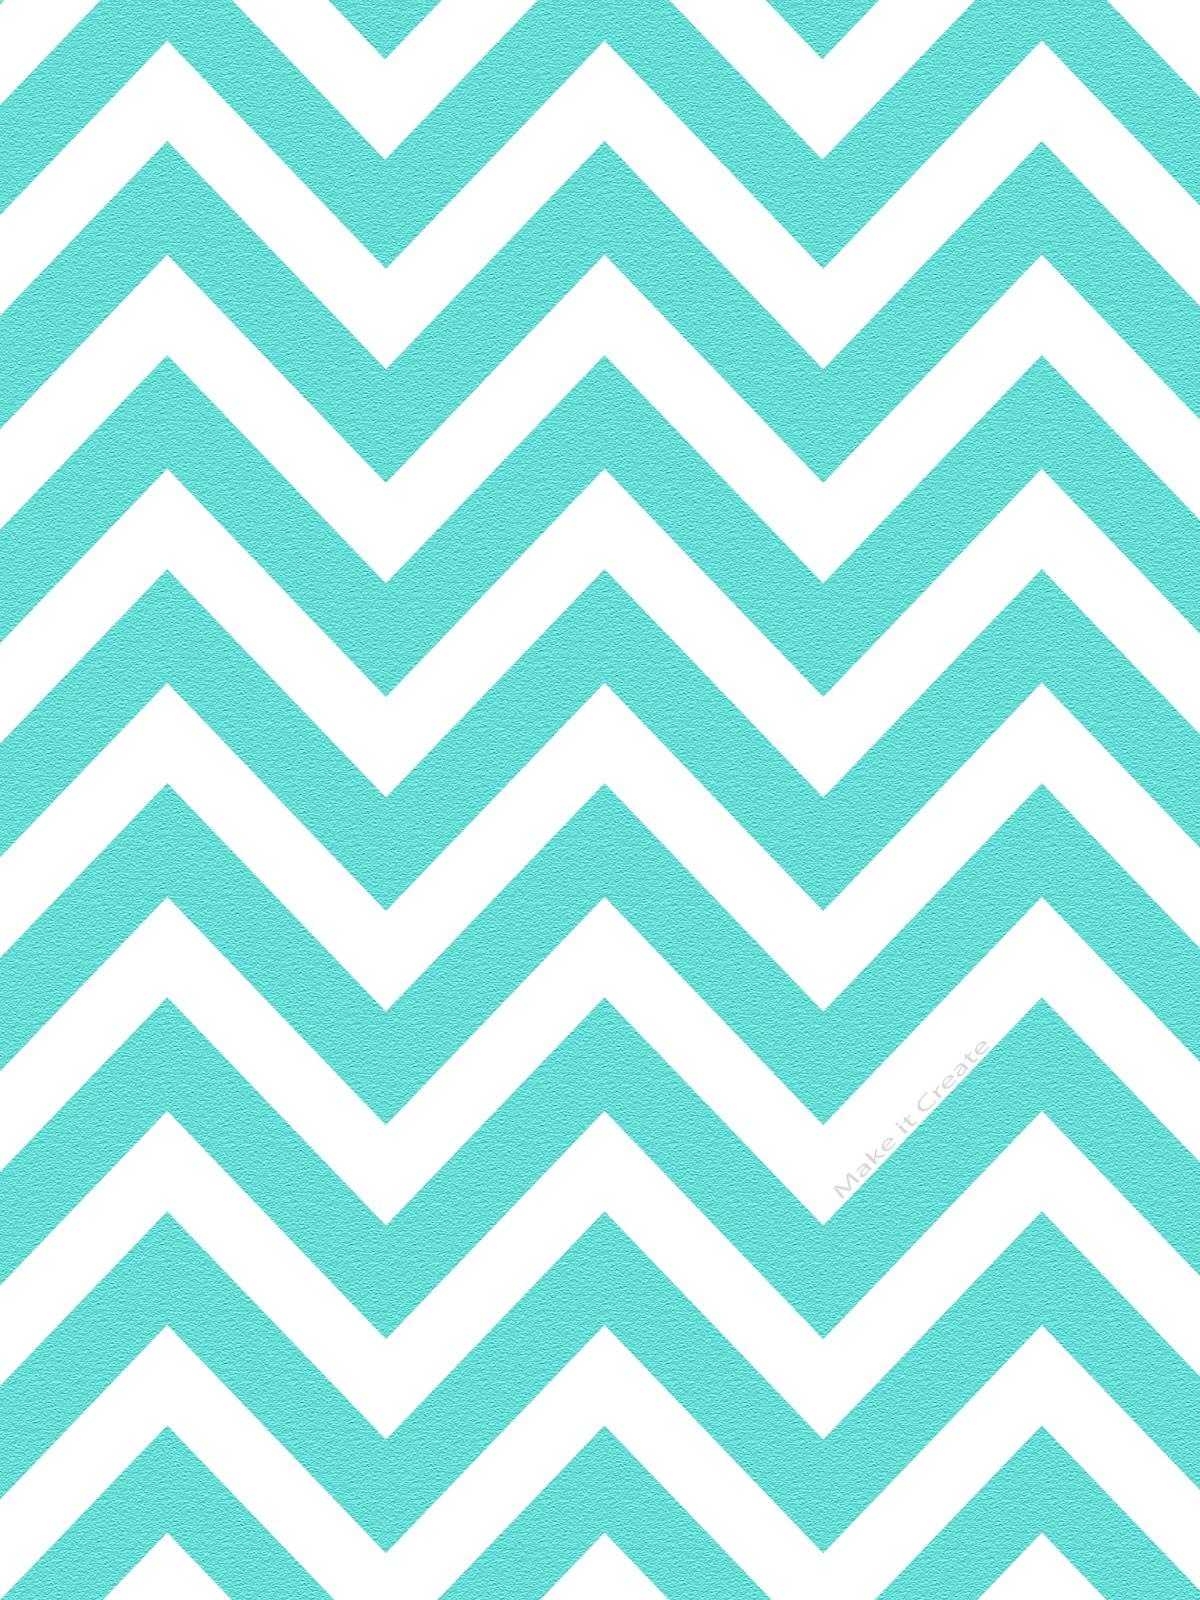 Most Inspiring   Wallpaper Home Screen Pinterest - IpadChevronTexture1  Picture_293965.jpg